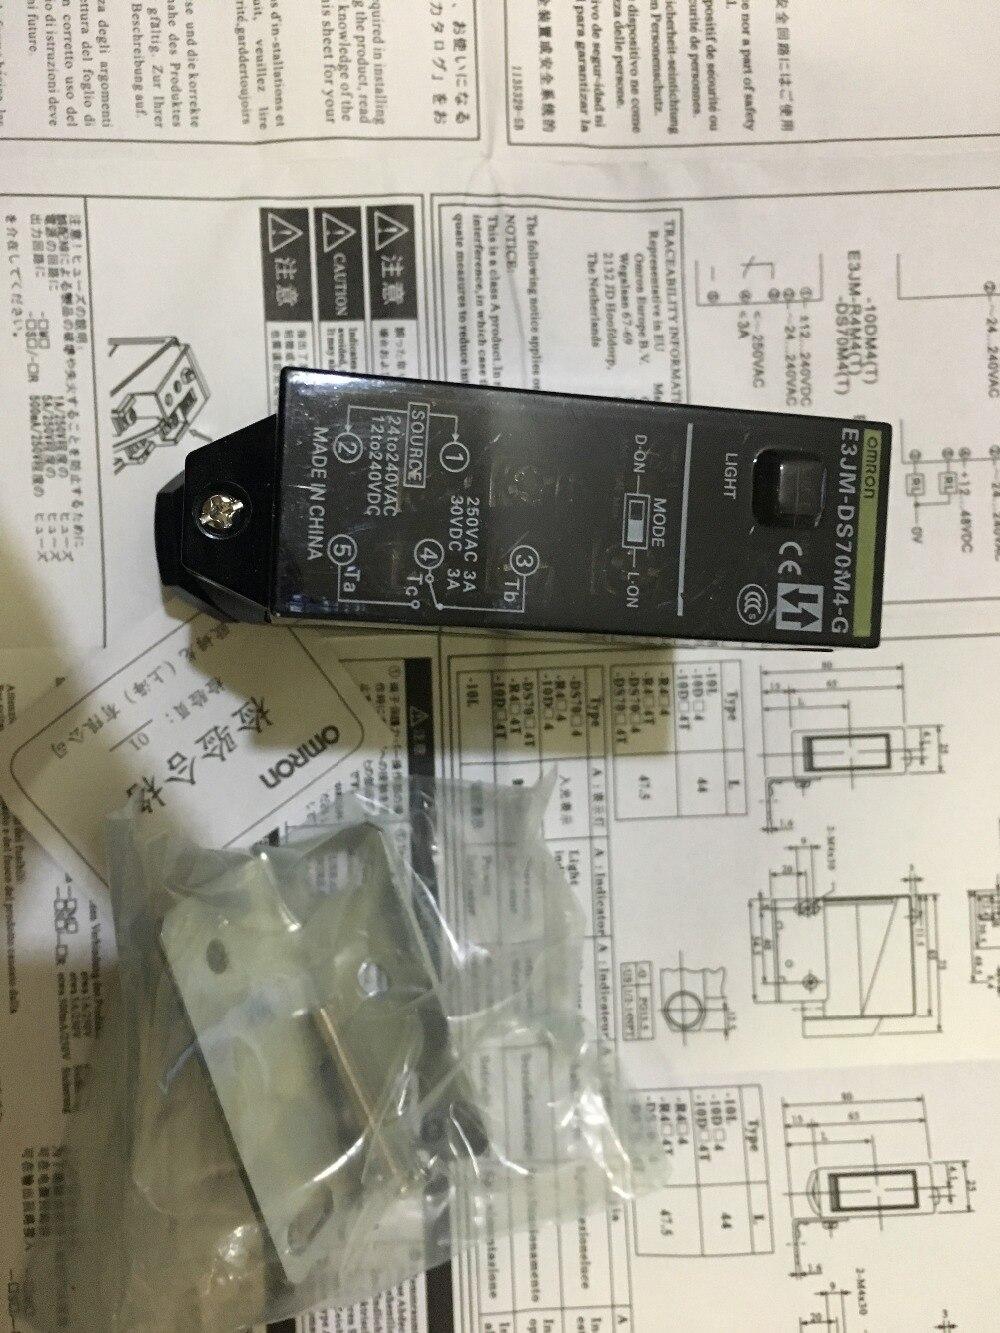 E3JM-DS70M4-G  OMRON photoelectric sensor   E3JM-R4MR  E3JM-10DM4  -T  -G  -G-N E3JM-DS70M4E3JM-DS70M4-G  OMRON photoelectric sensor   E3JM-R4MR  E3JM-10DM4  -T  -G  -G-N E3JM-DS70M4